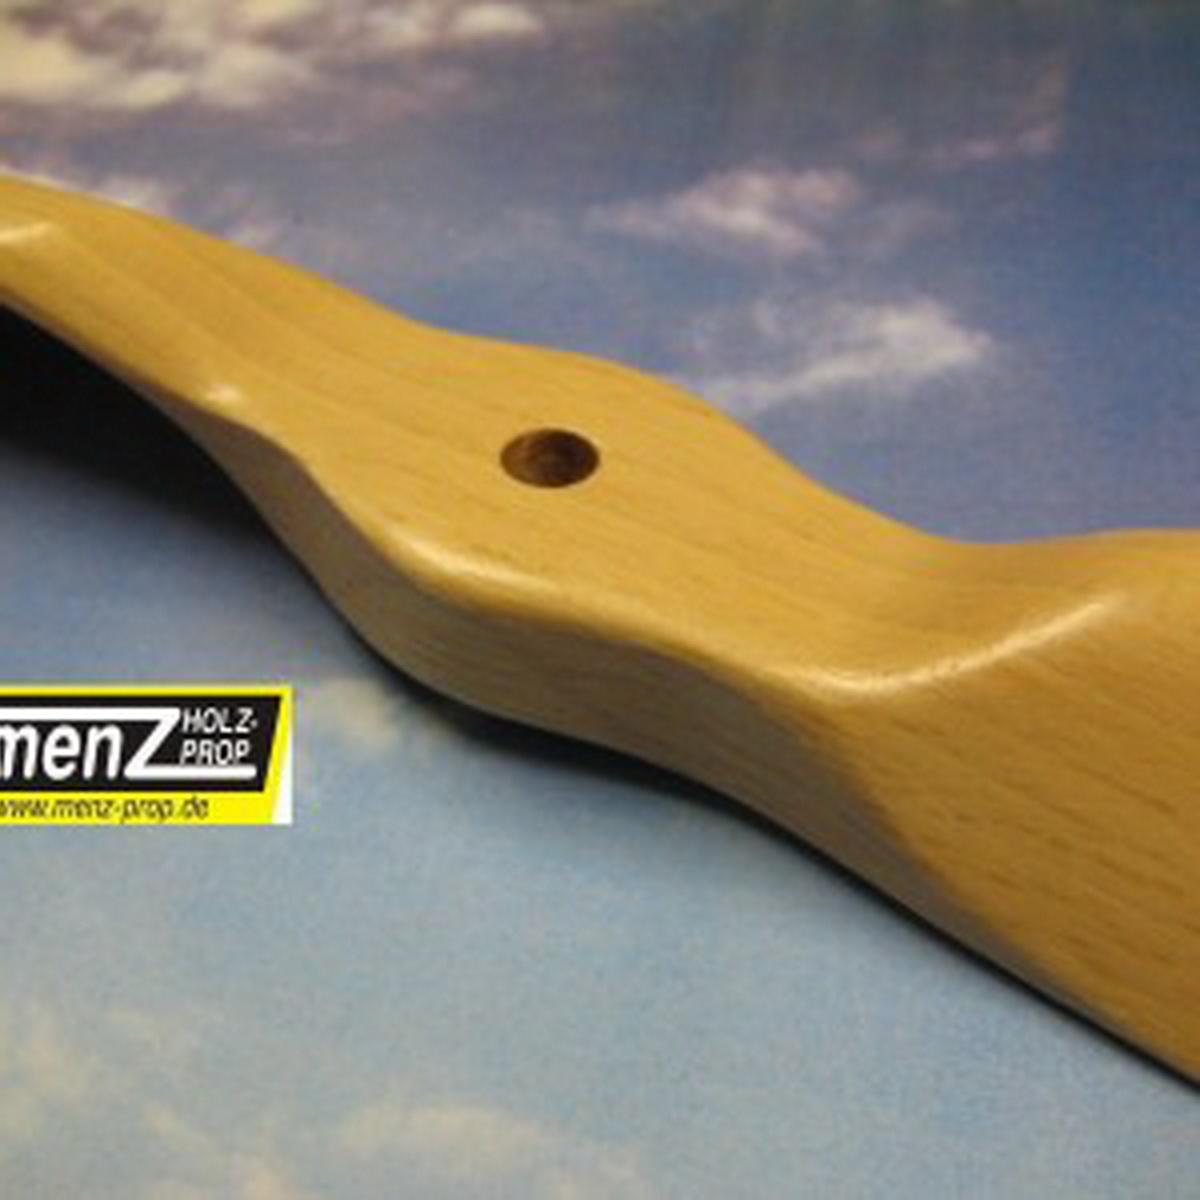 Holzluftschraube Menz E 15x10